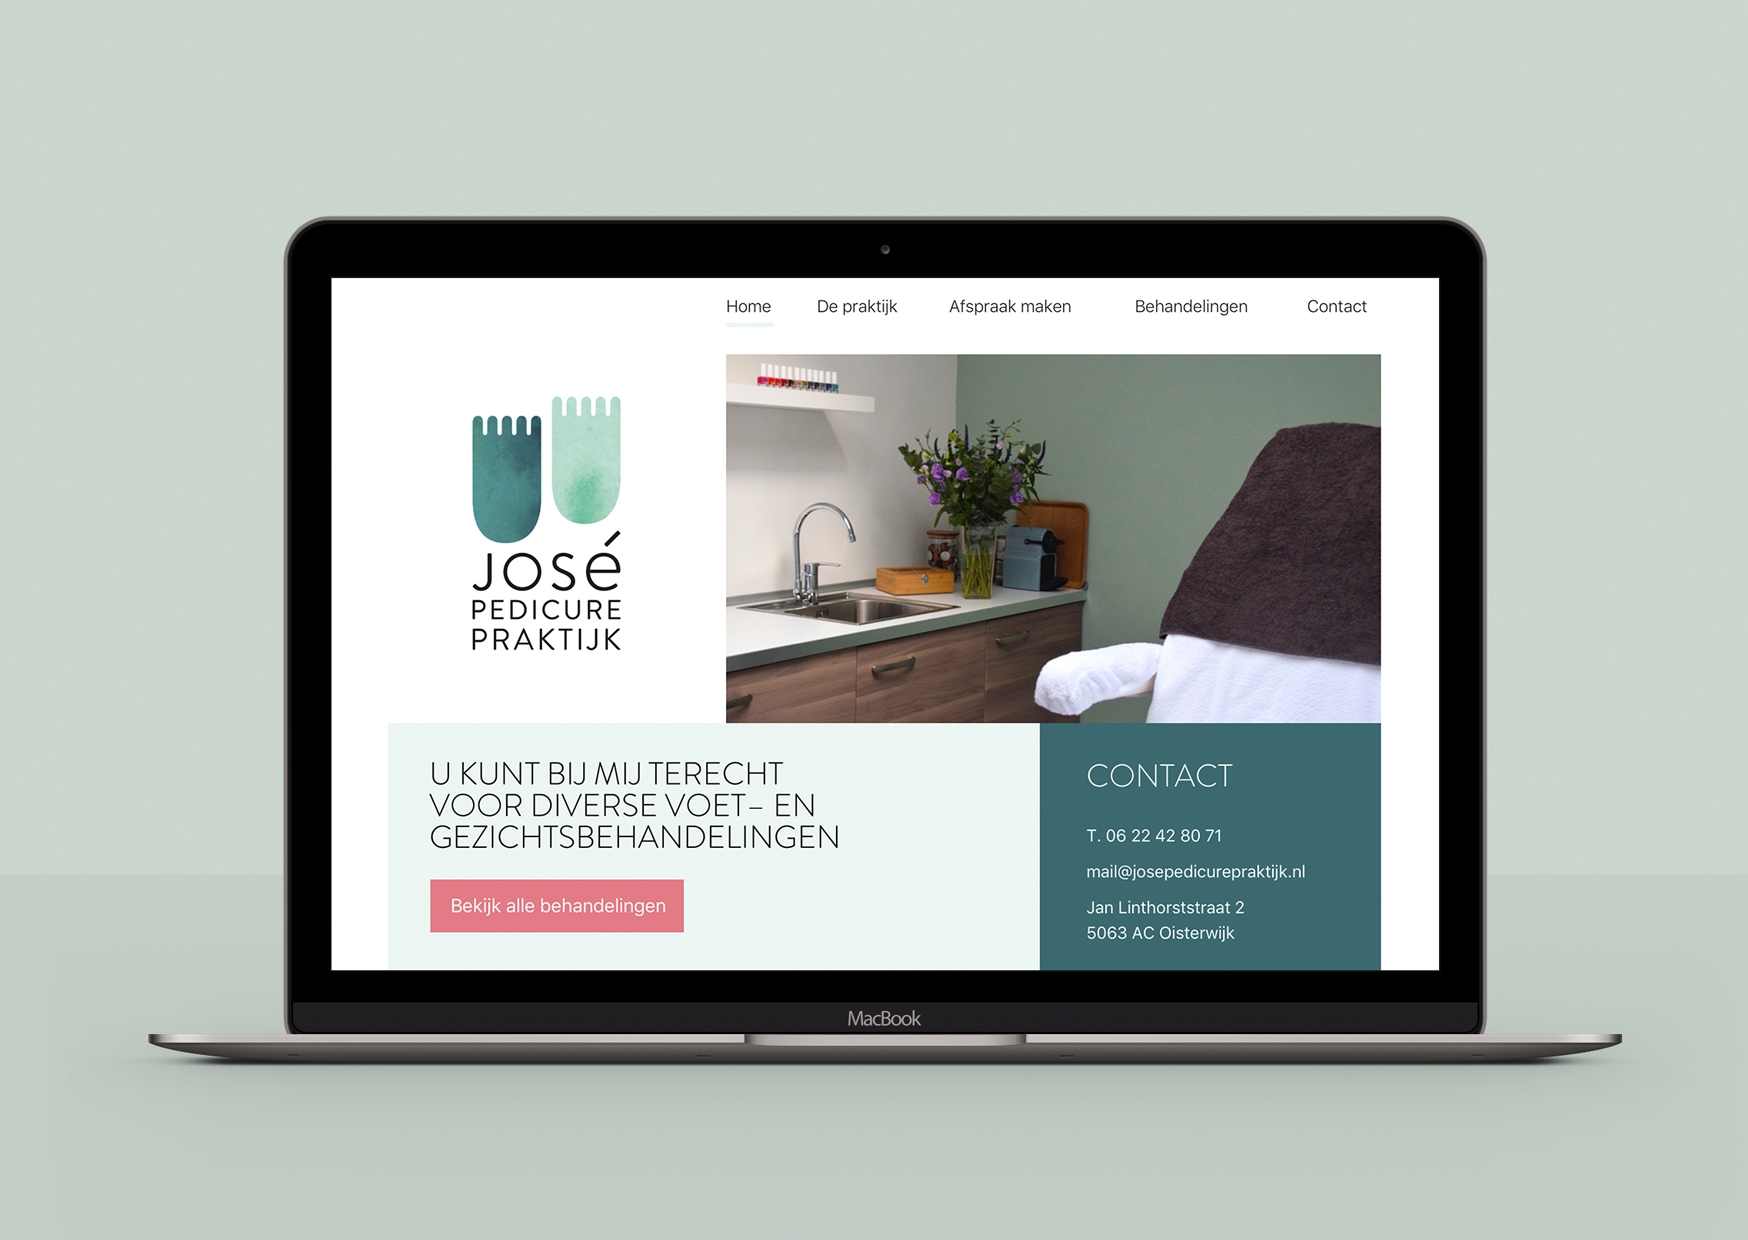 José Pedicurepraktijk, Studio Enkelvoud, website, pedicure, grafisch ontwerp, responsive, web, online, huisstijl, logo, voetjes